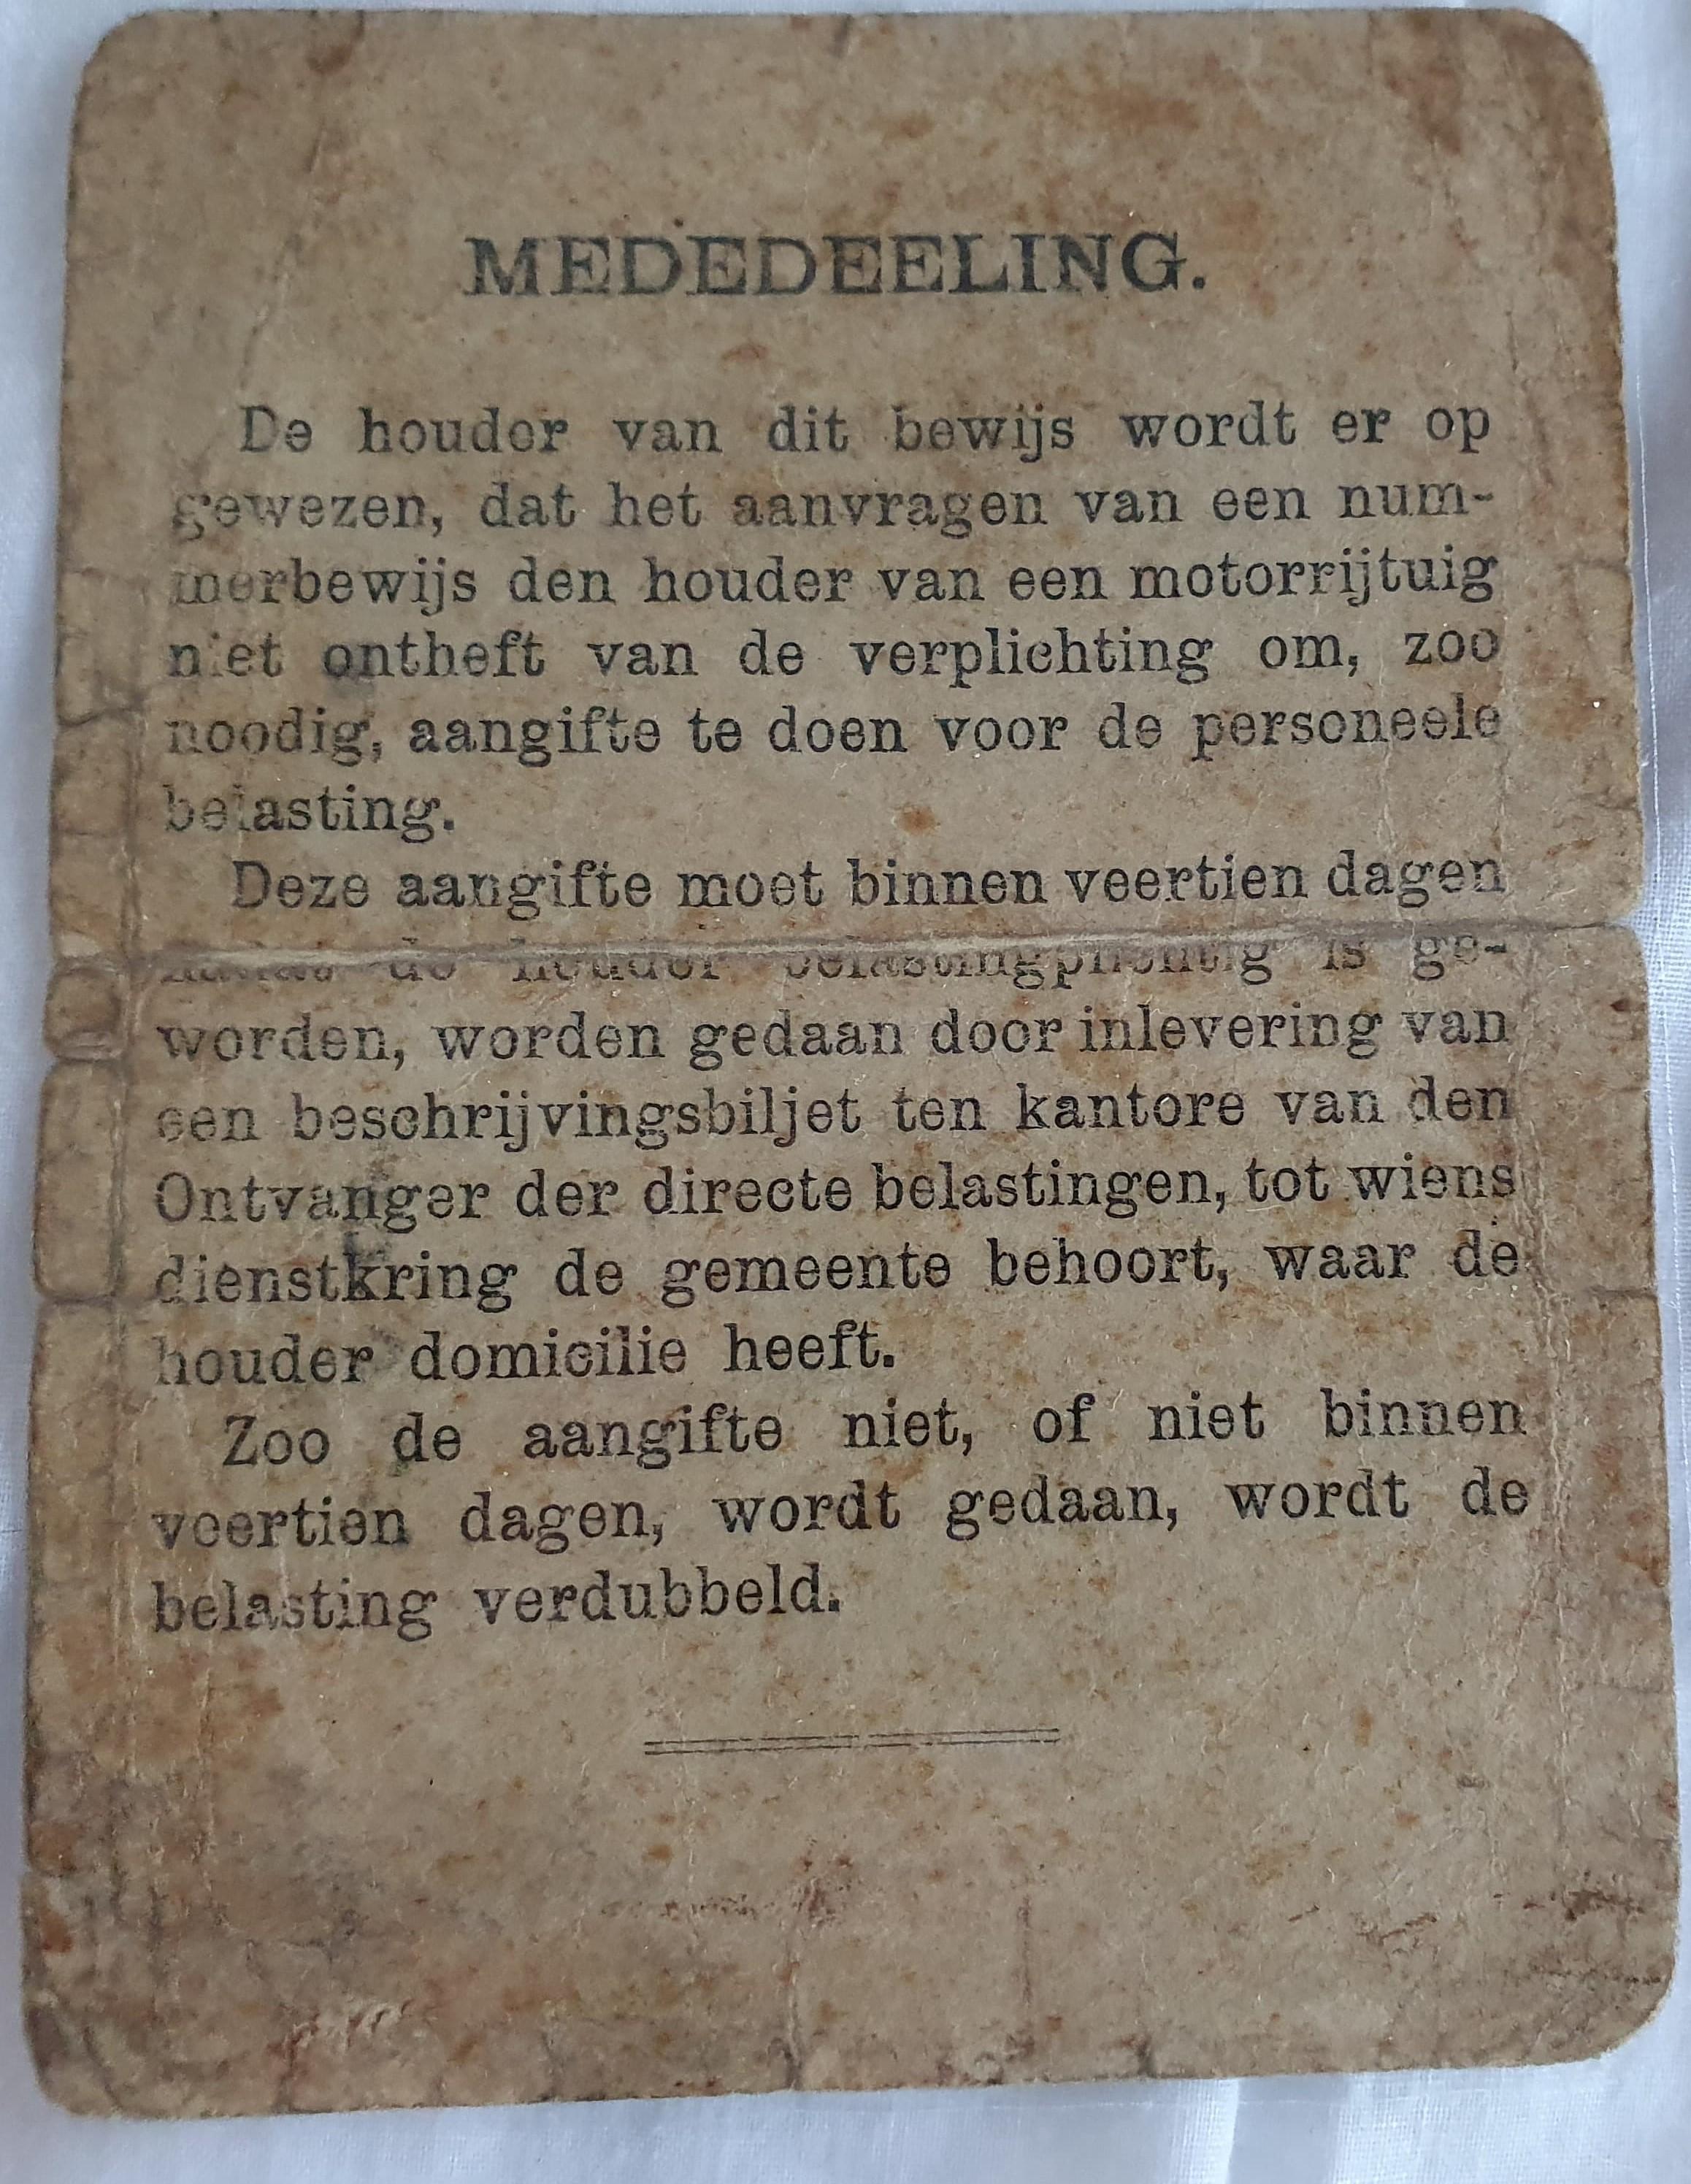 Chiel-van-den-Gruijthuijzen-familie-archief-(2)